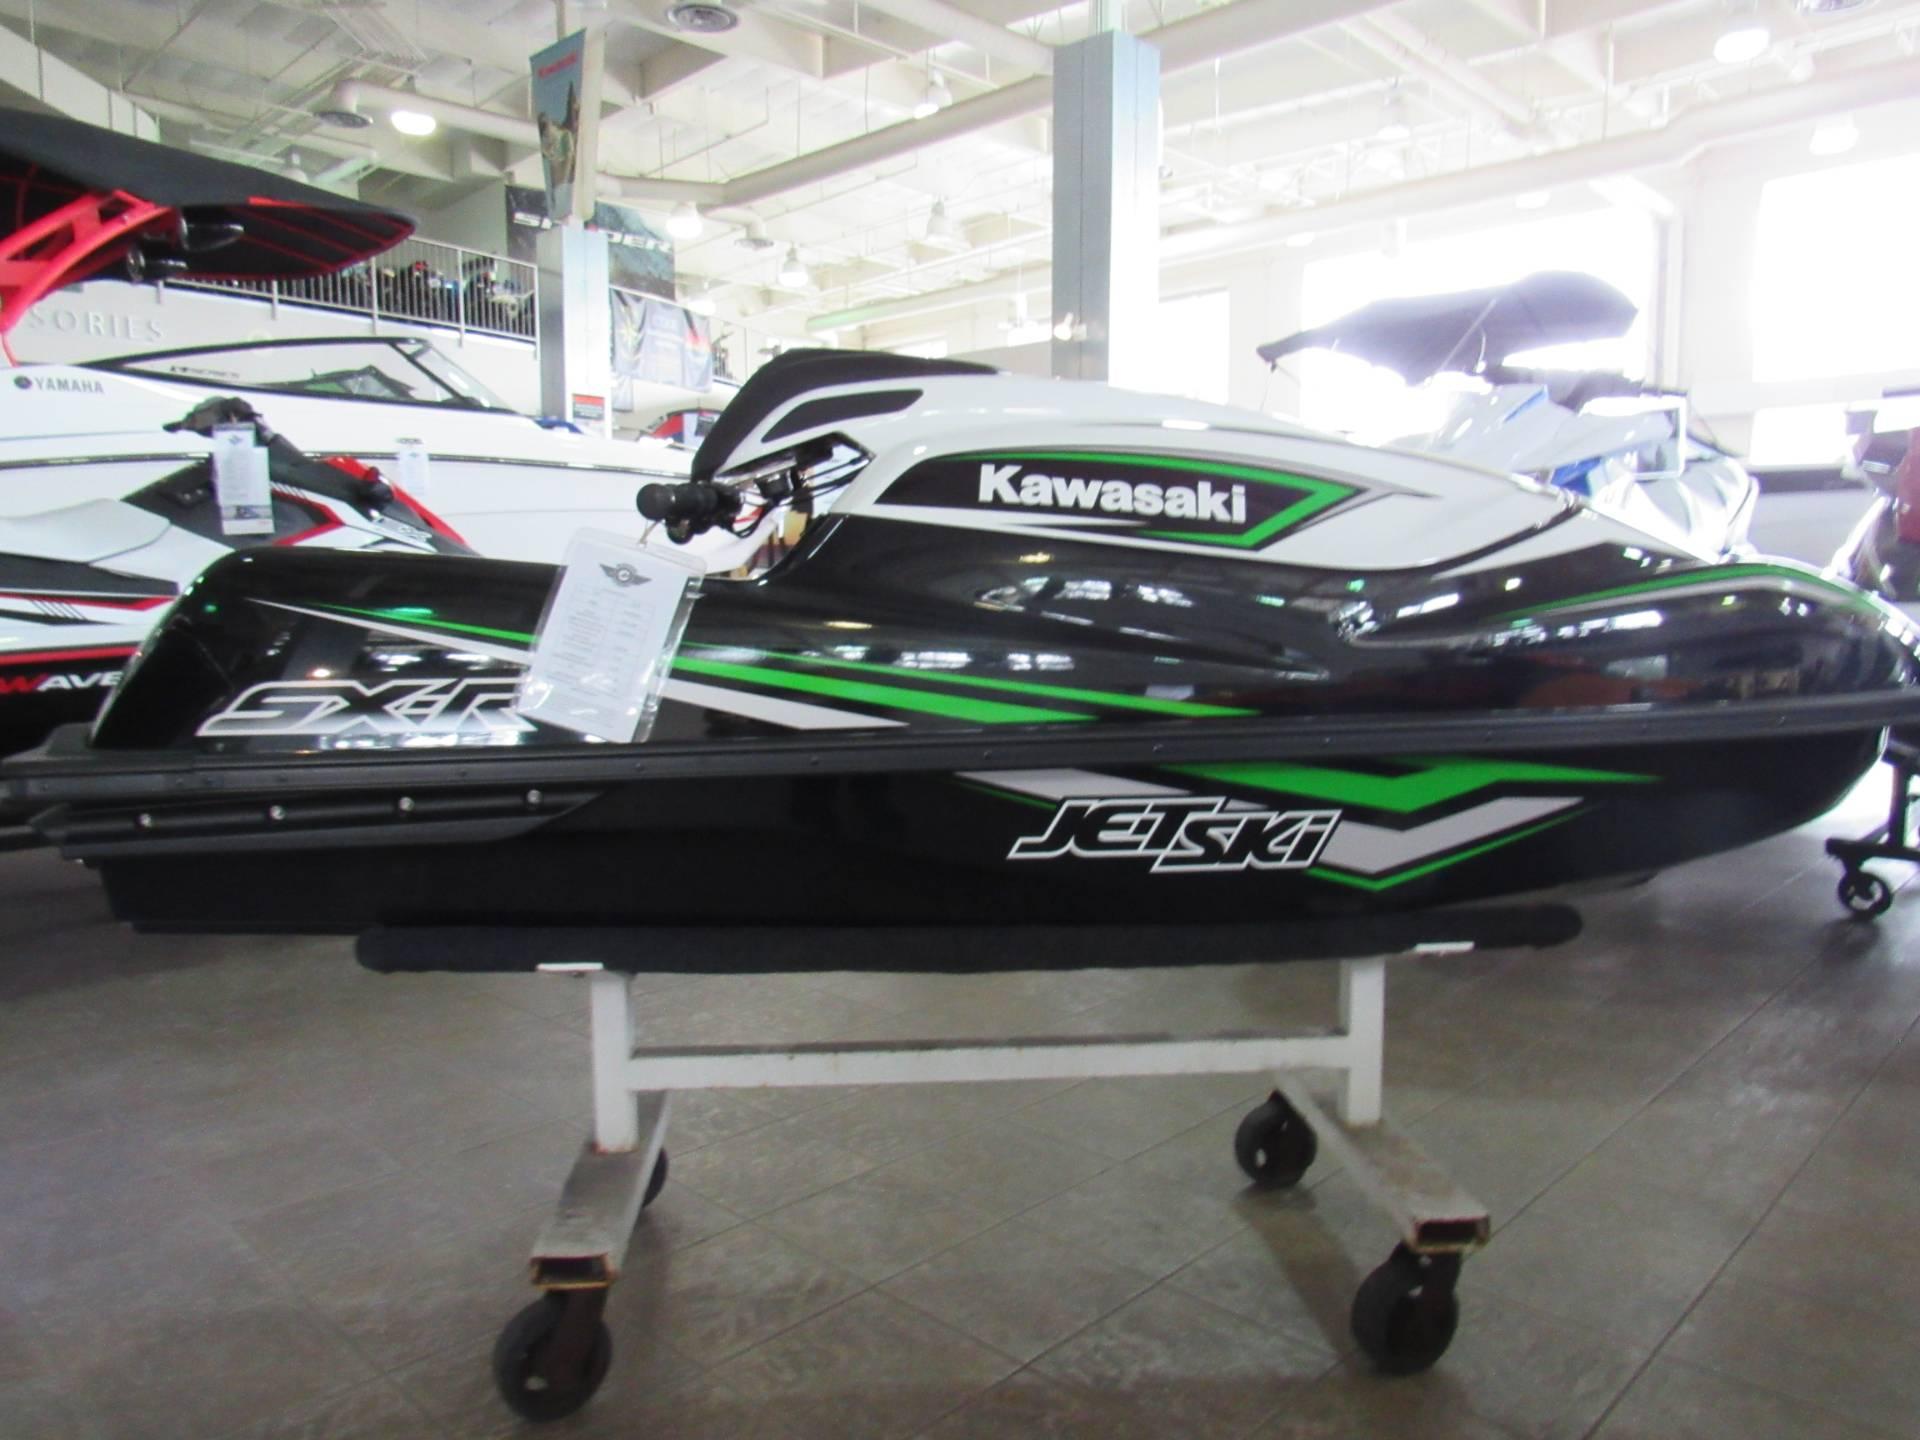 2018 Kawasaki JET SKI SX-R in Irvine, California